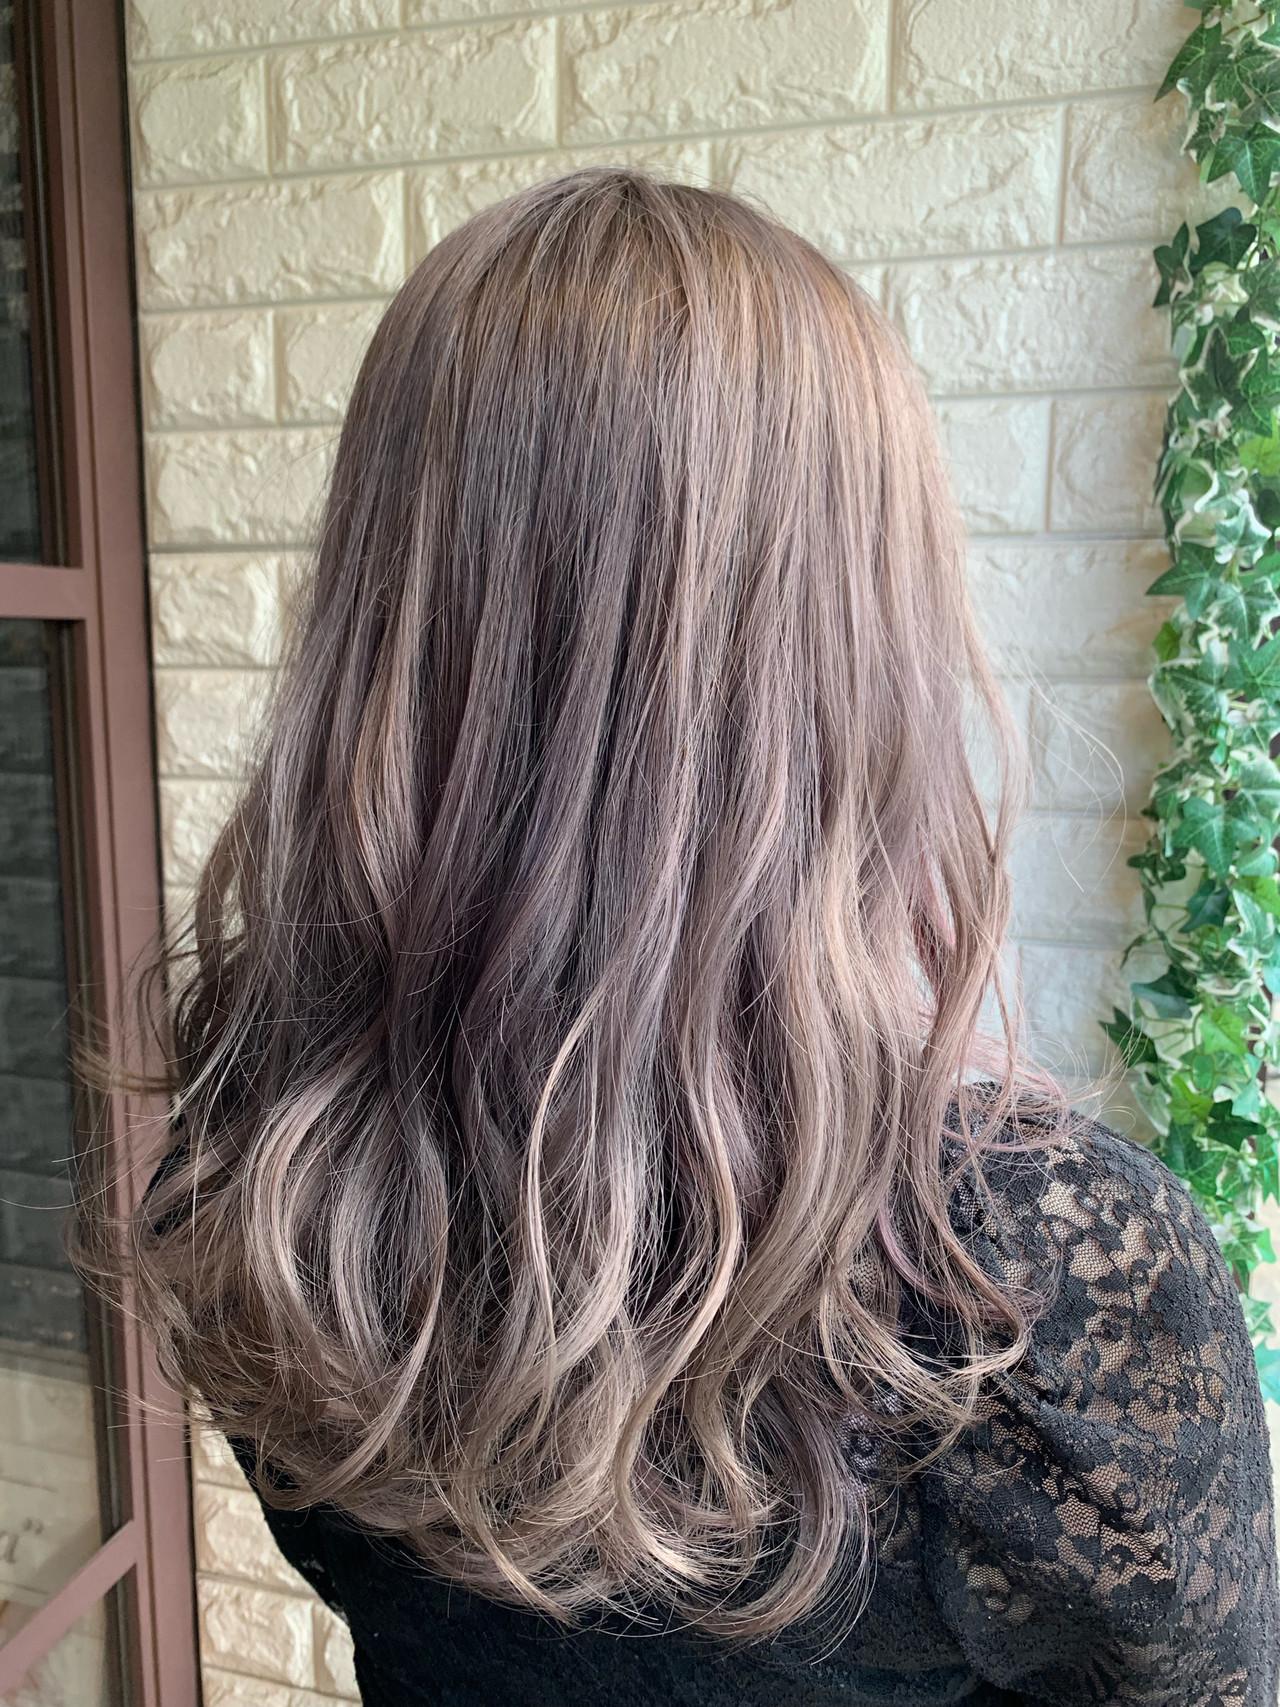 ホワイティベージュ ガーリー ロング ラベンダーアッシュヘアスタイルや髪型の写真・画像